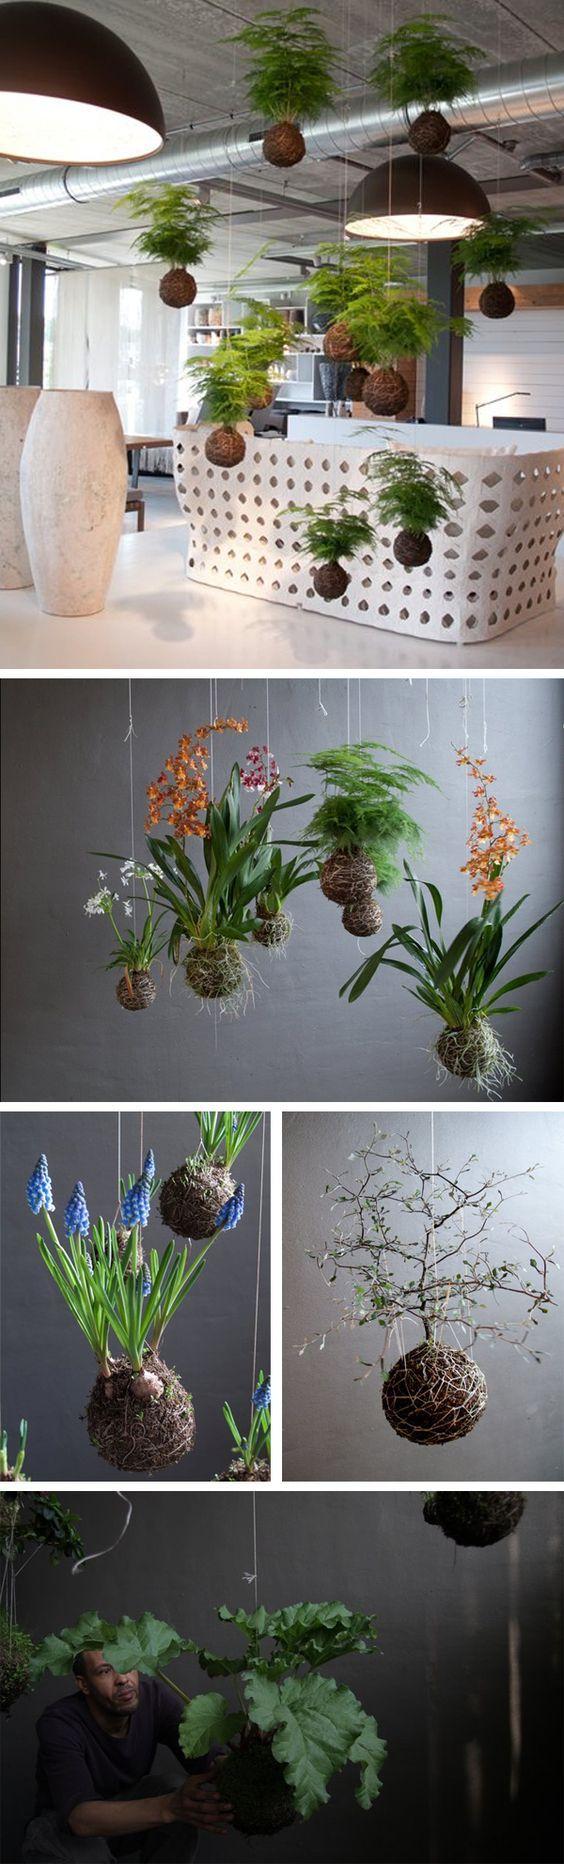 17 best ideas about pflanzen fürs büro on pinterest | grünes, Gartengerate ideen